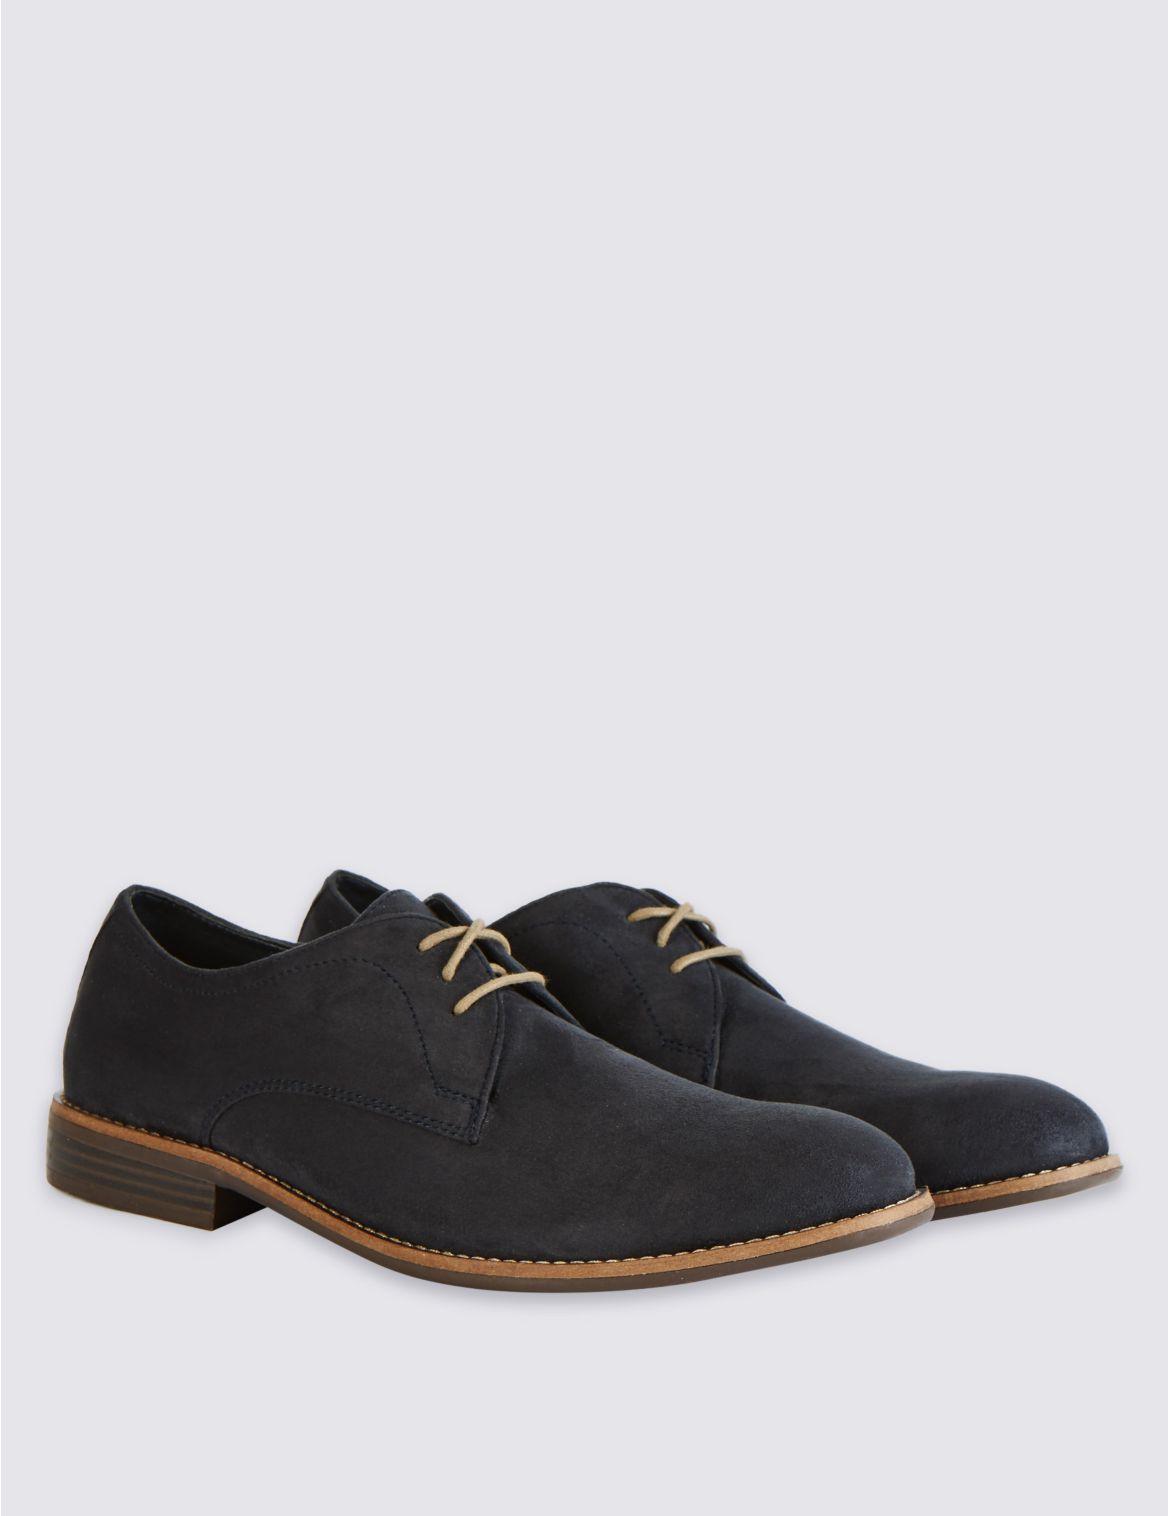 Chaussures en su??dine ? lacets. StyleForme du produit:?€ lacets;Coupe:Coupe standard;Fermeture:?€ lacets;Tailles disponibles: du 39,5 au 47 et